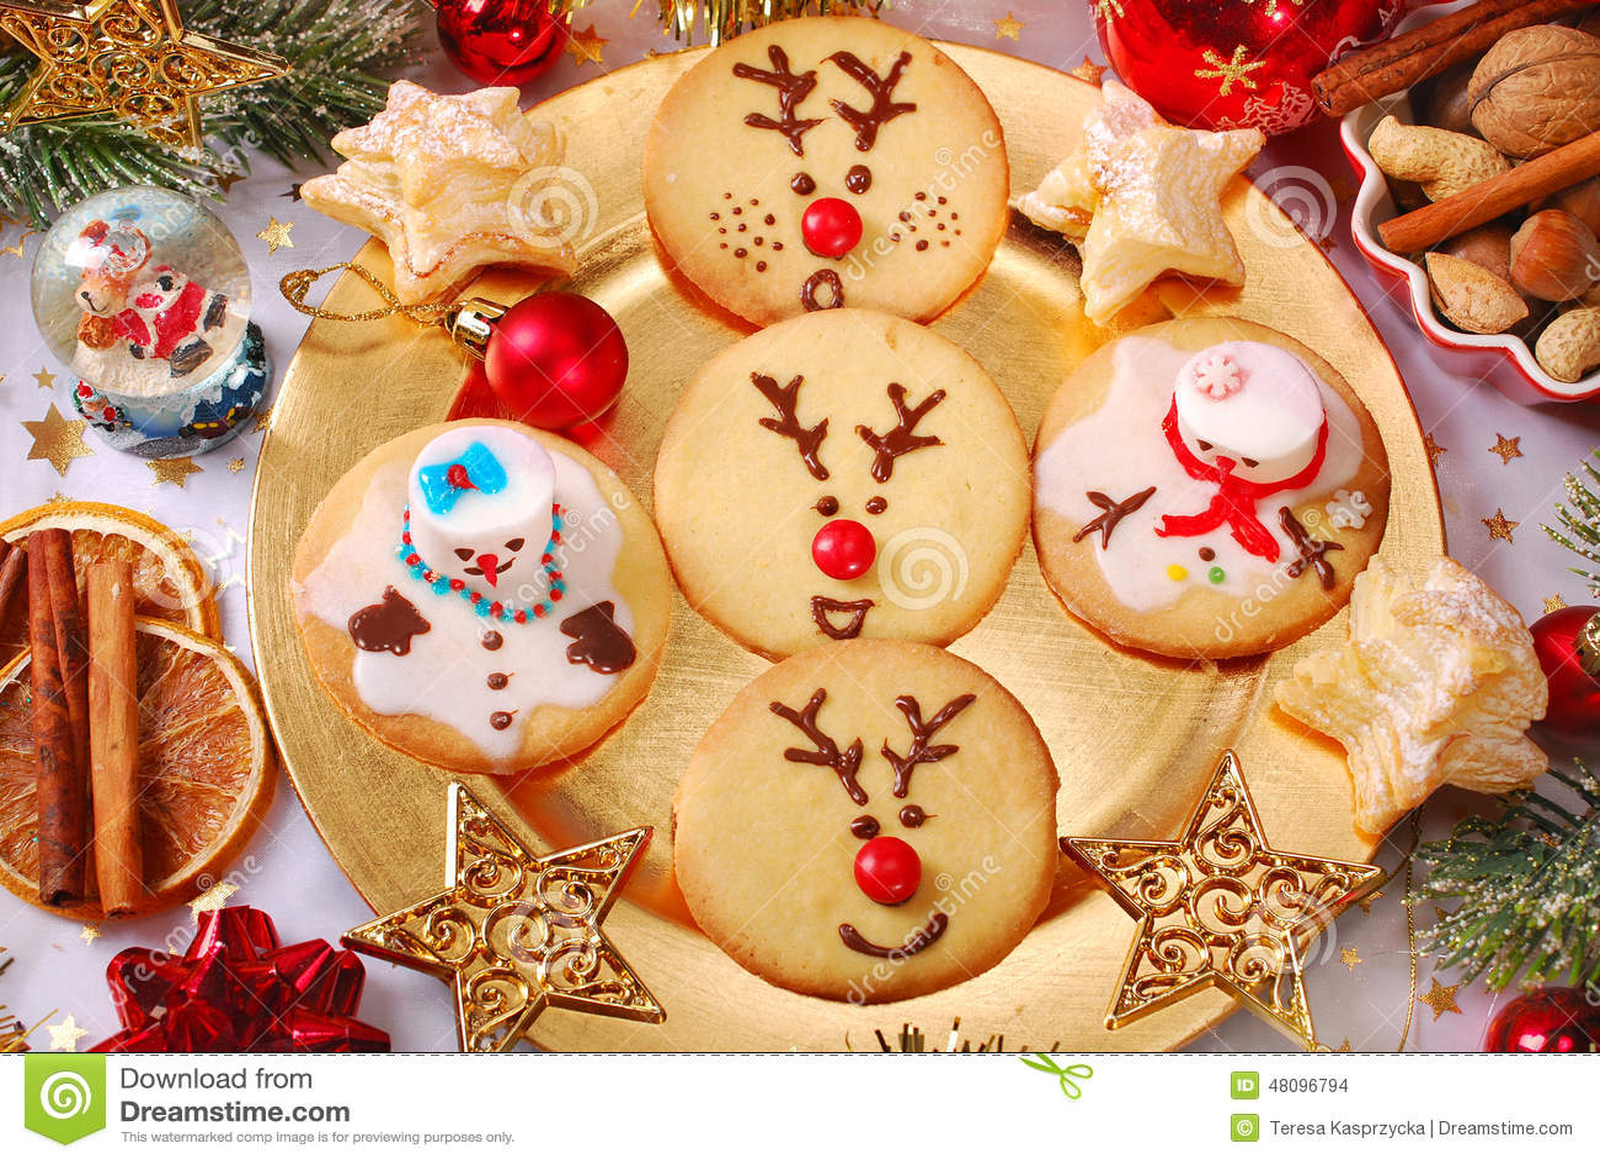 Weihnachtsplätzchen Kindergarten.Lustige Weihnachtsplätzchen Gemacht Von Den Kindern Stockfoto Bild